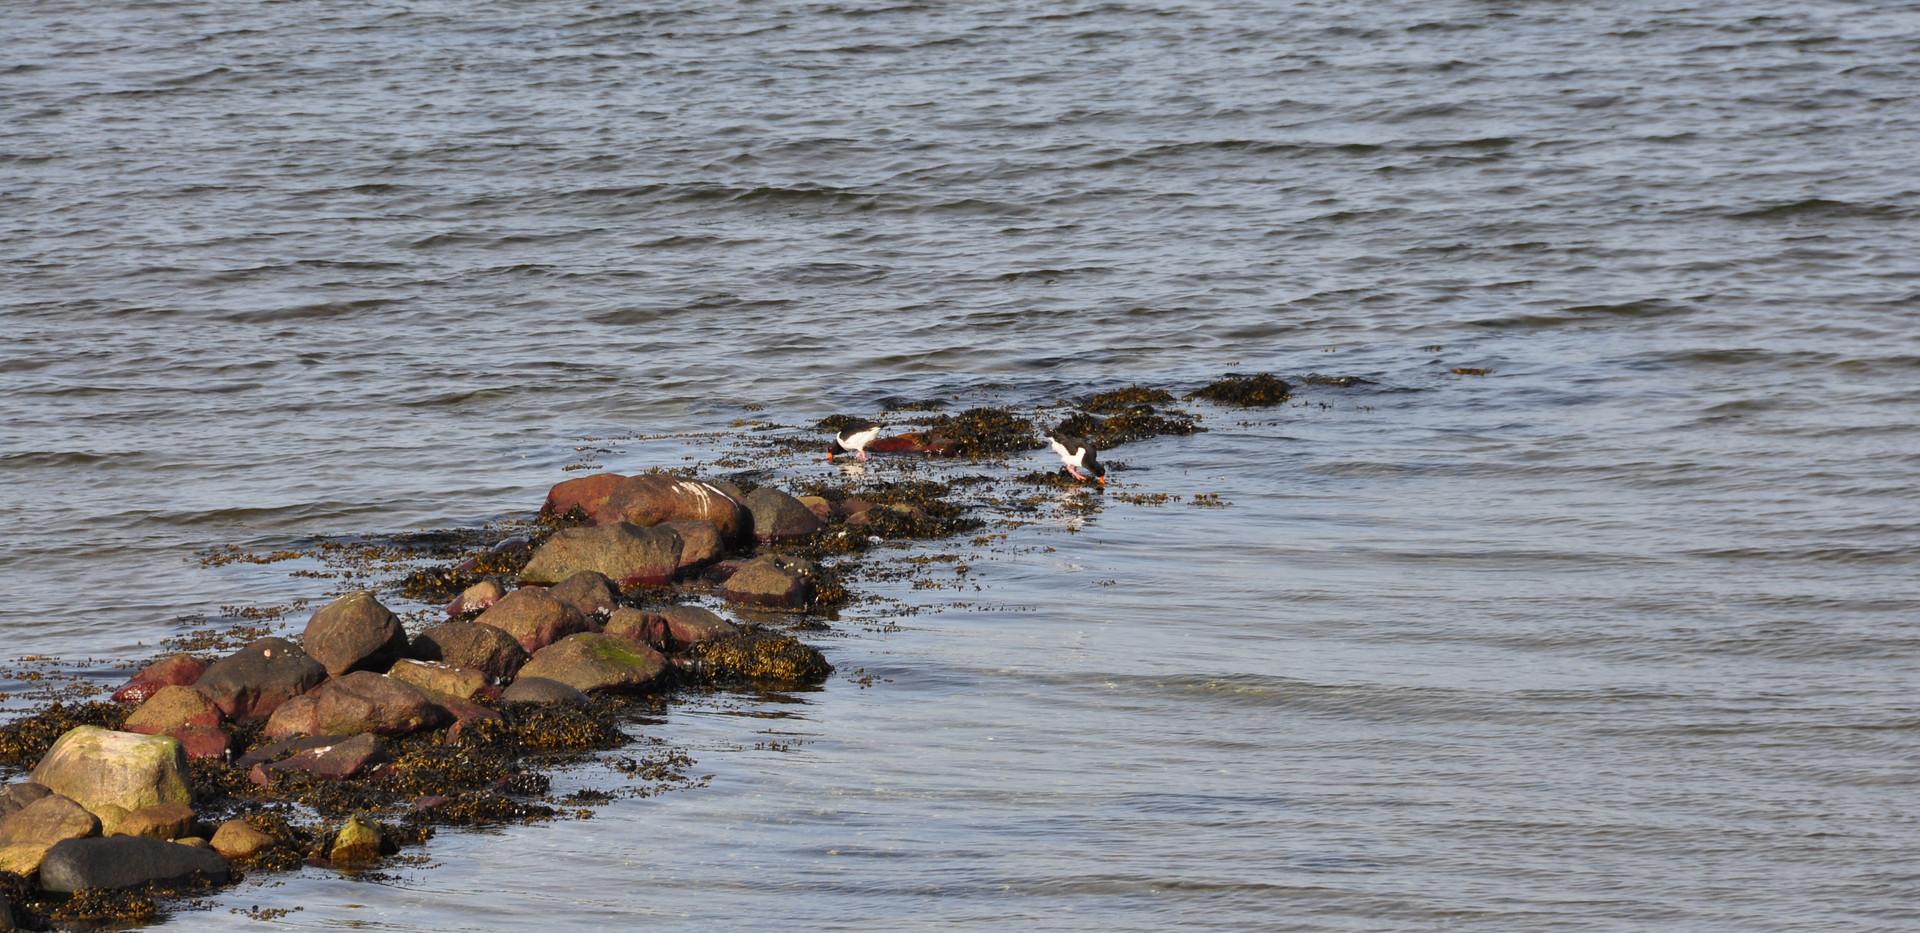 Austernfischer-Paar in der Bucht von Meierwik